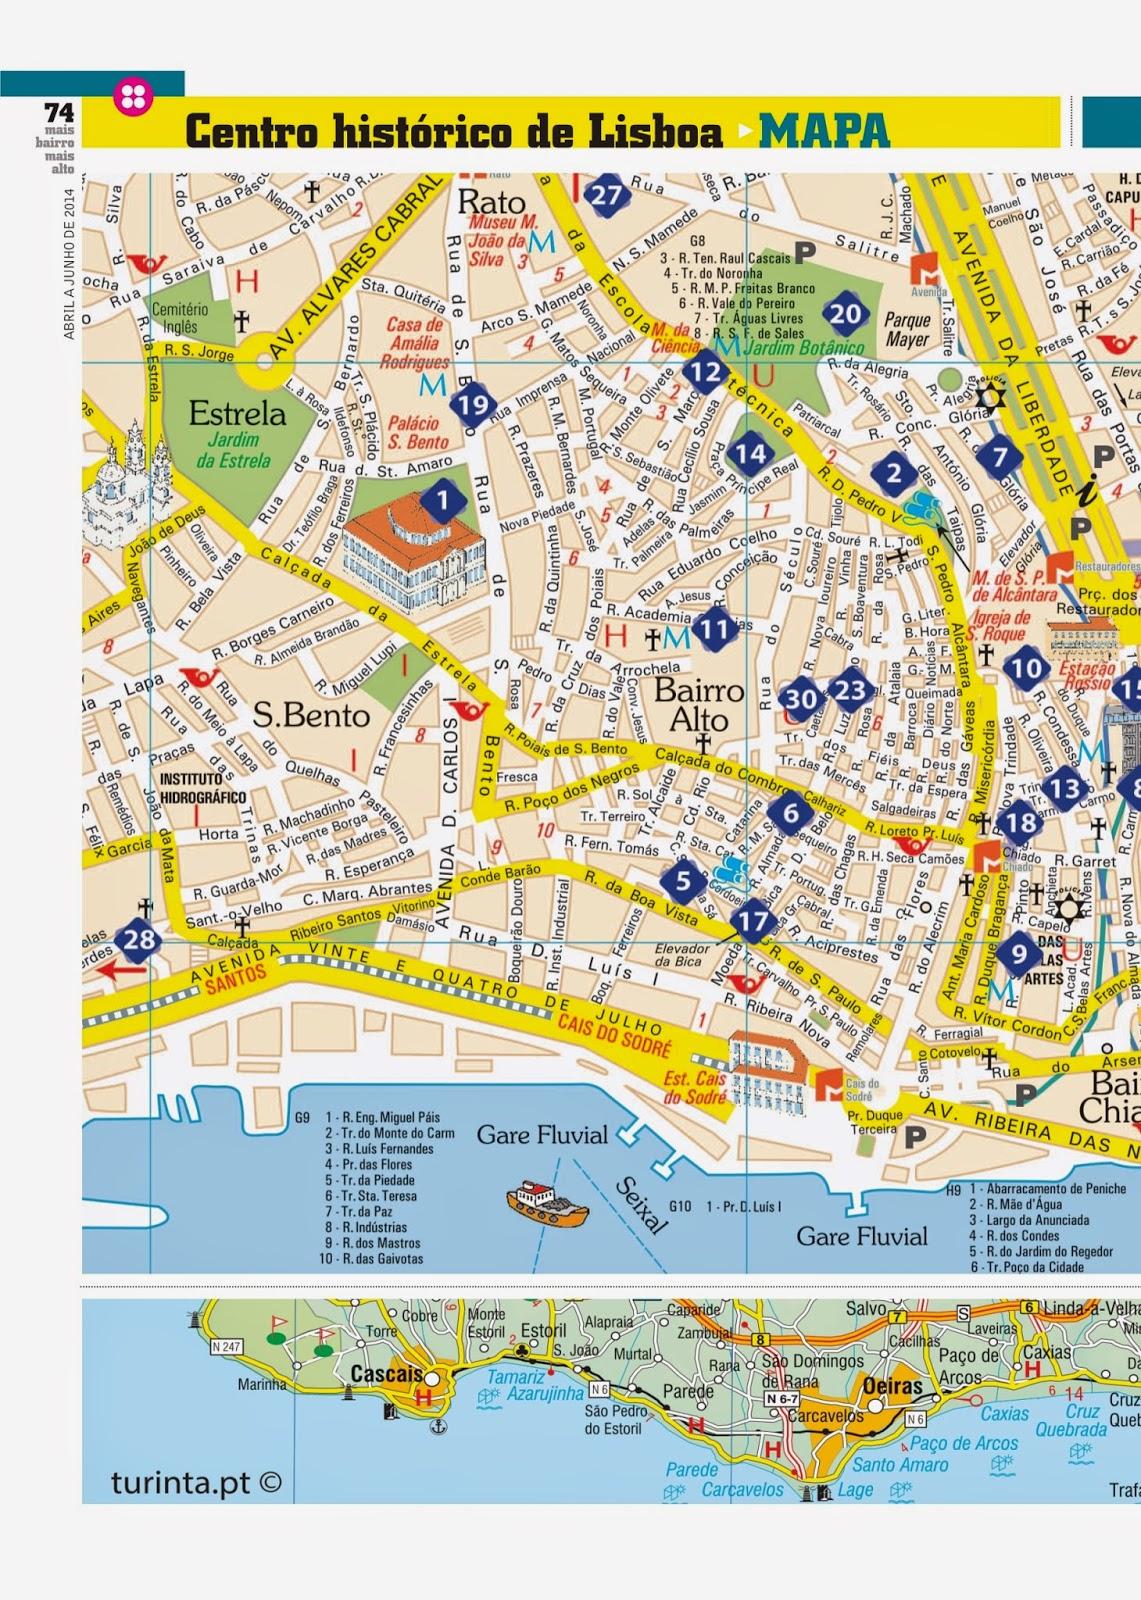 mapa dos bairros populares de lisboa ASSOCIAÇÃO DE COMERCIANTES DO BAIRRO ALTO: Mais BAIRRO Mais ALTO  mapa dos bairros populares de lisboa